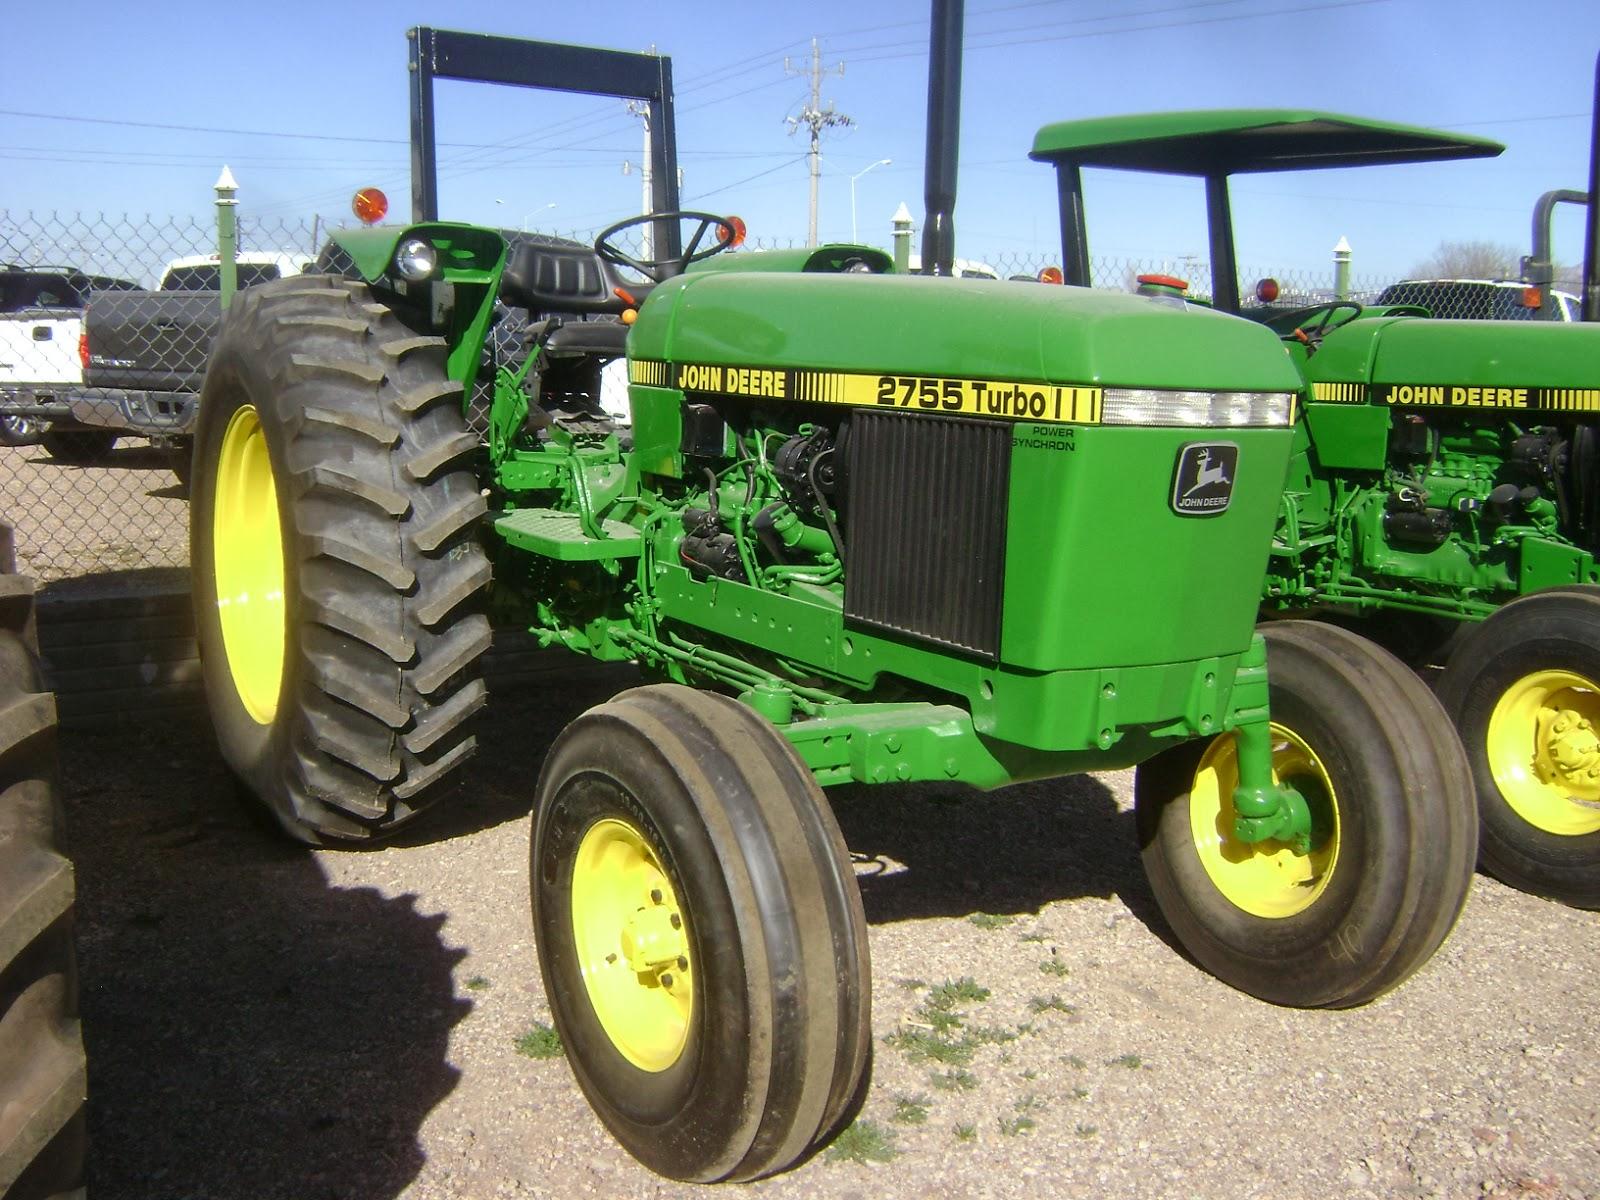 Maquinaria Agricola Industrial  Tractor John Deere 2755  15 500 Dlls  El Mejor A Este Precio